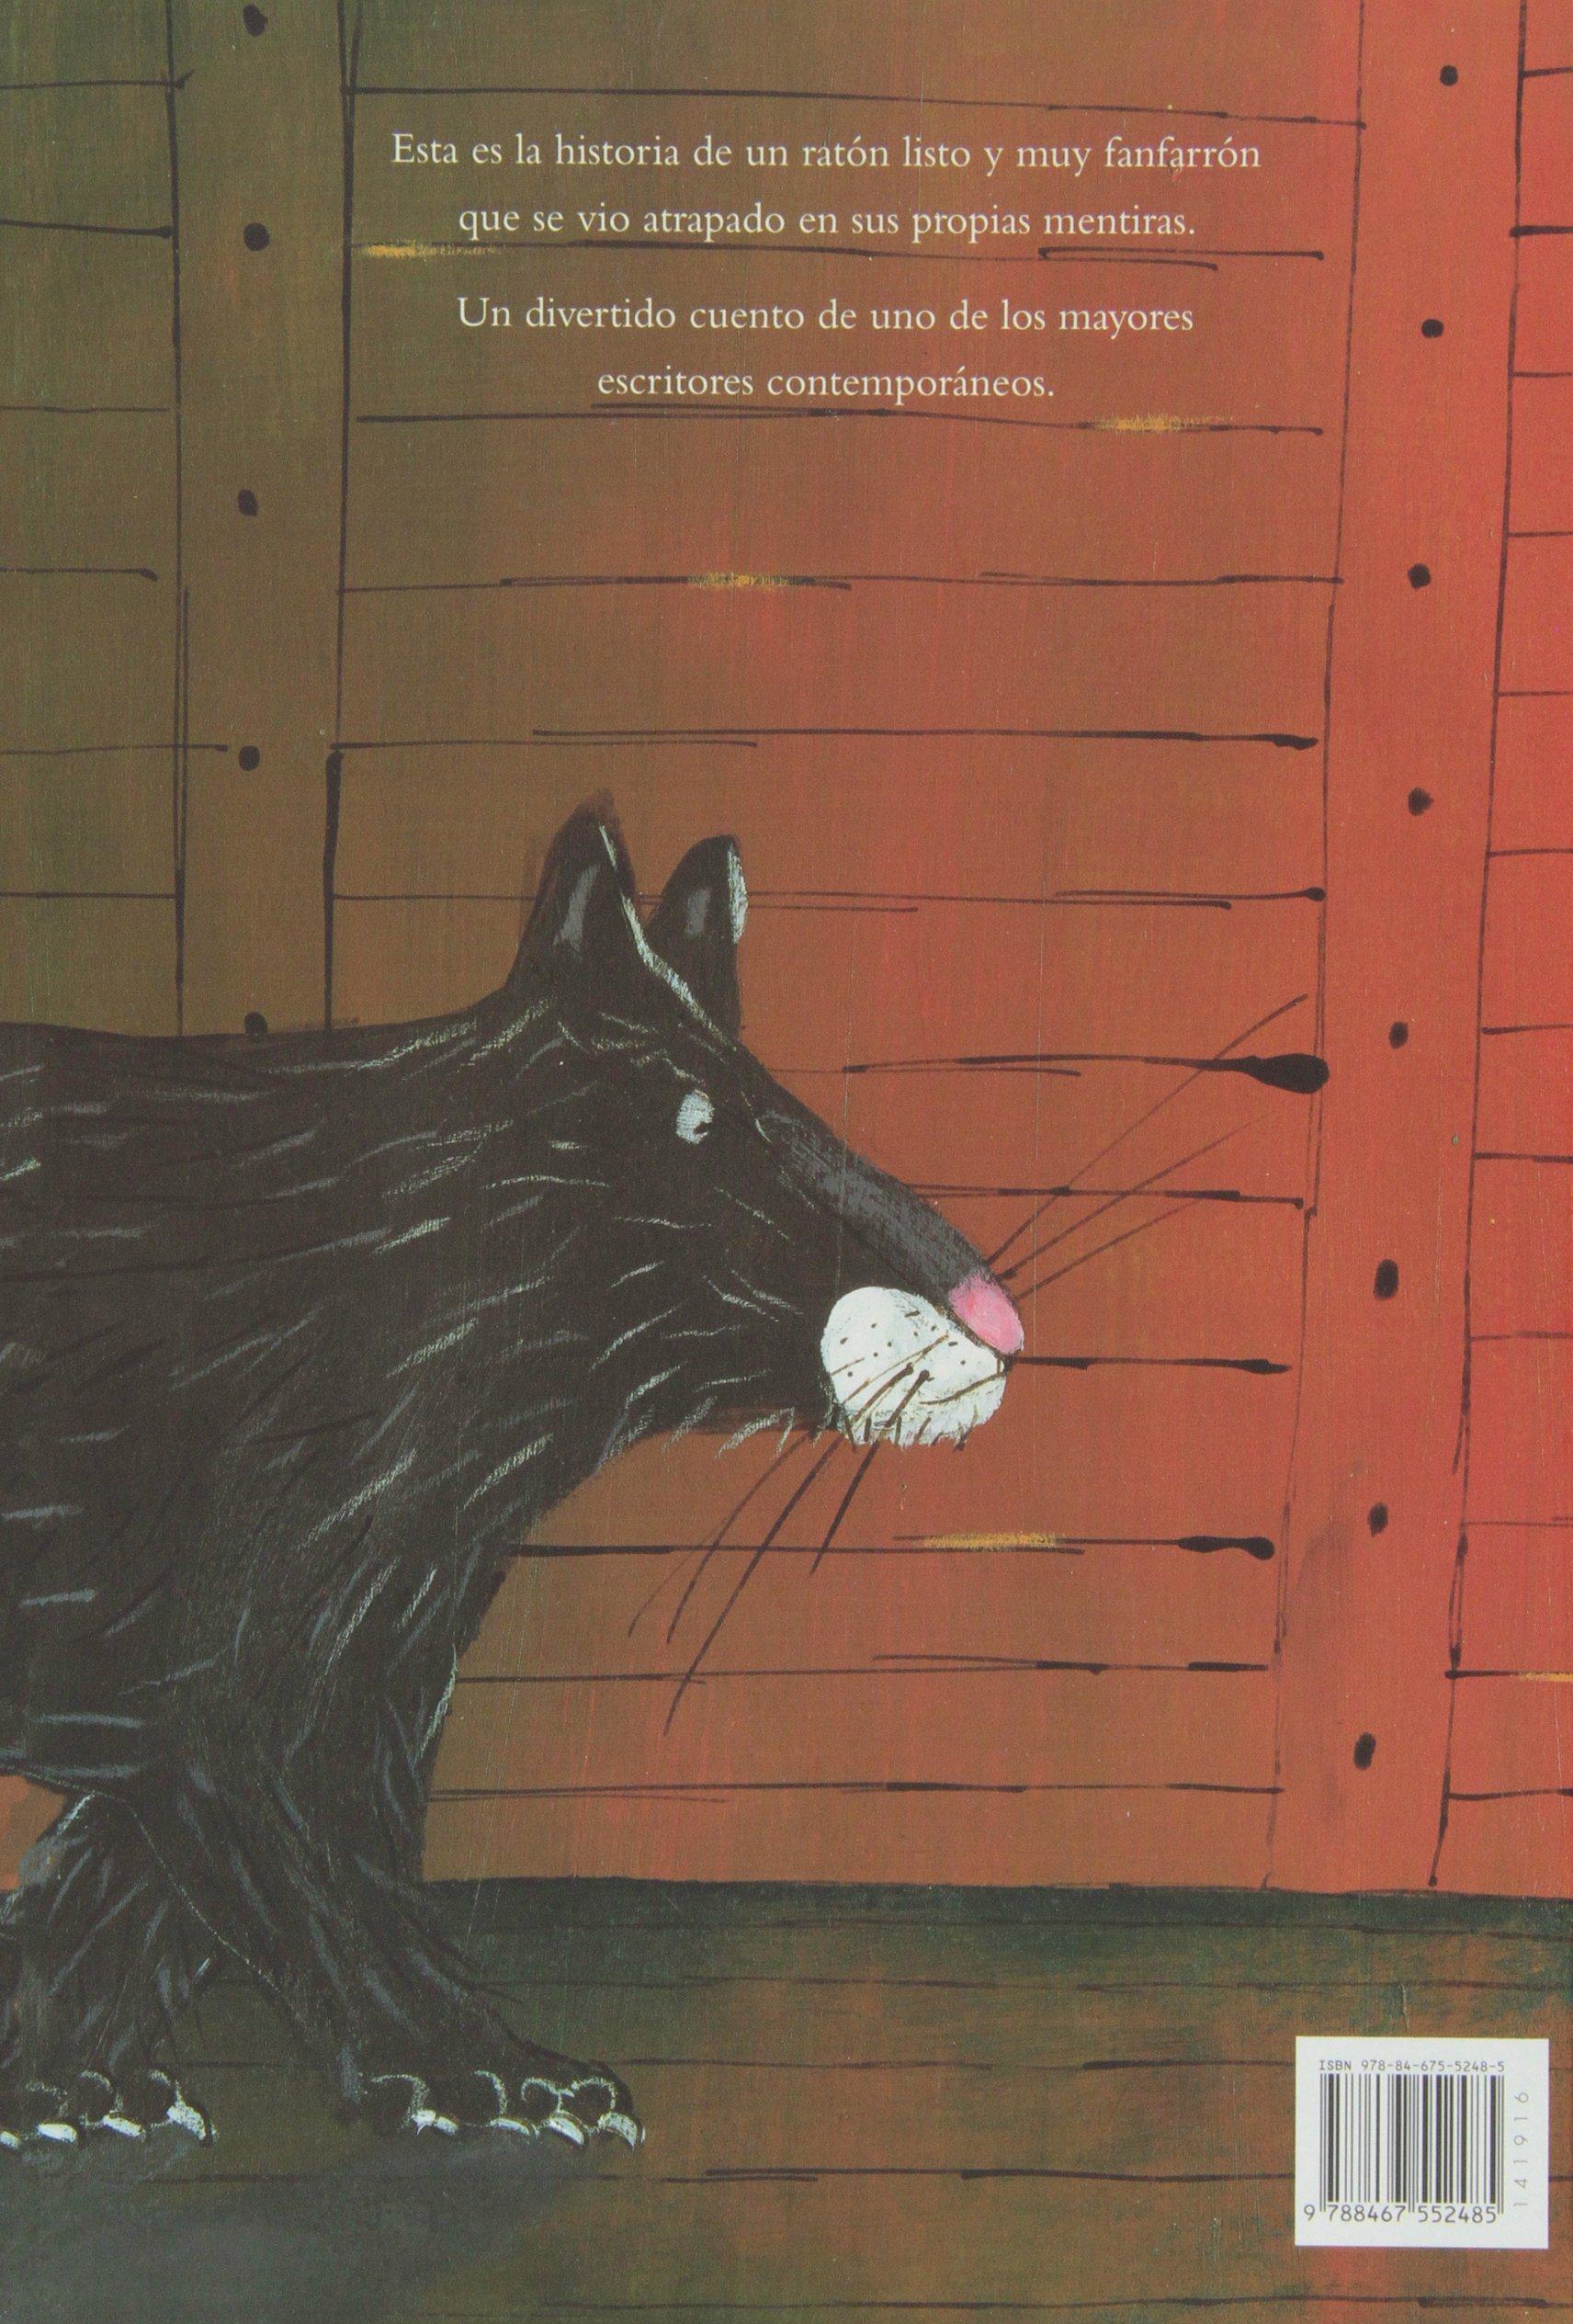 El ratón que comía gatos: Gianni Rodari: 9788467552485: Amazon.com: Books